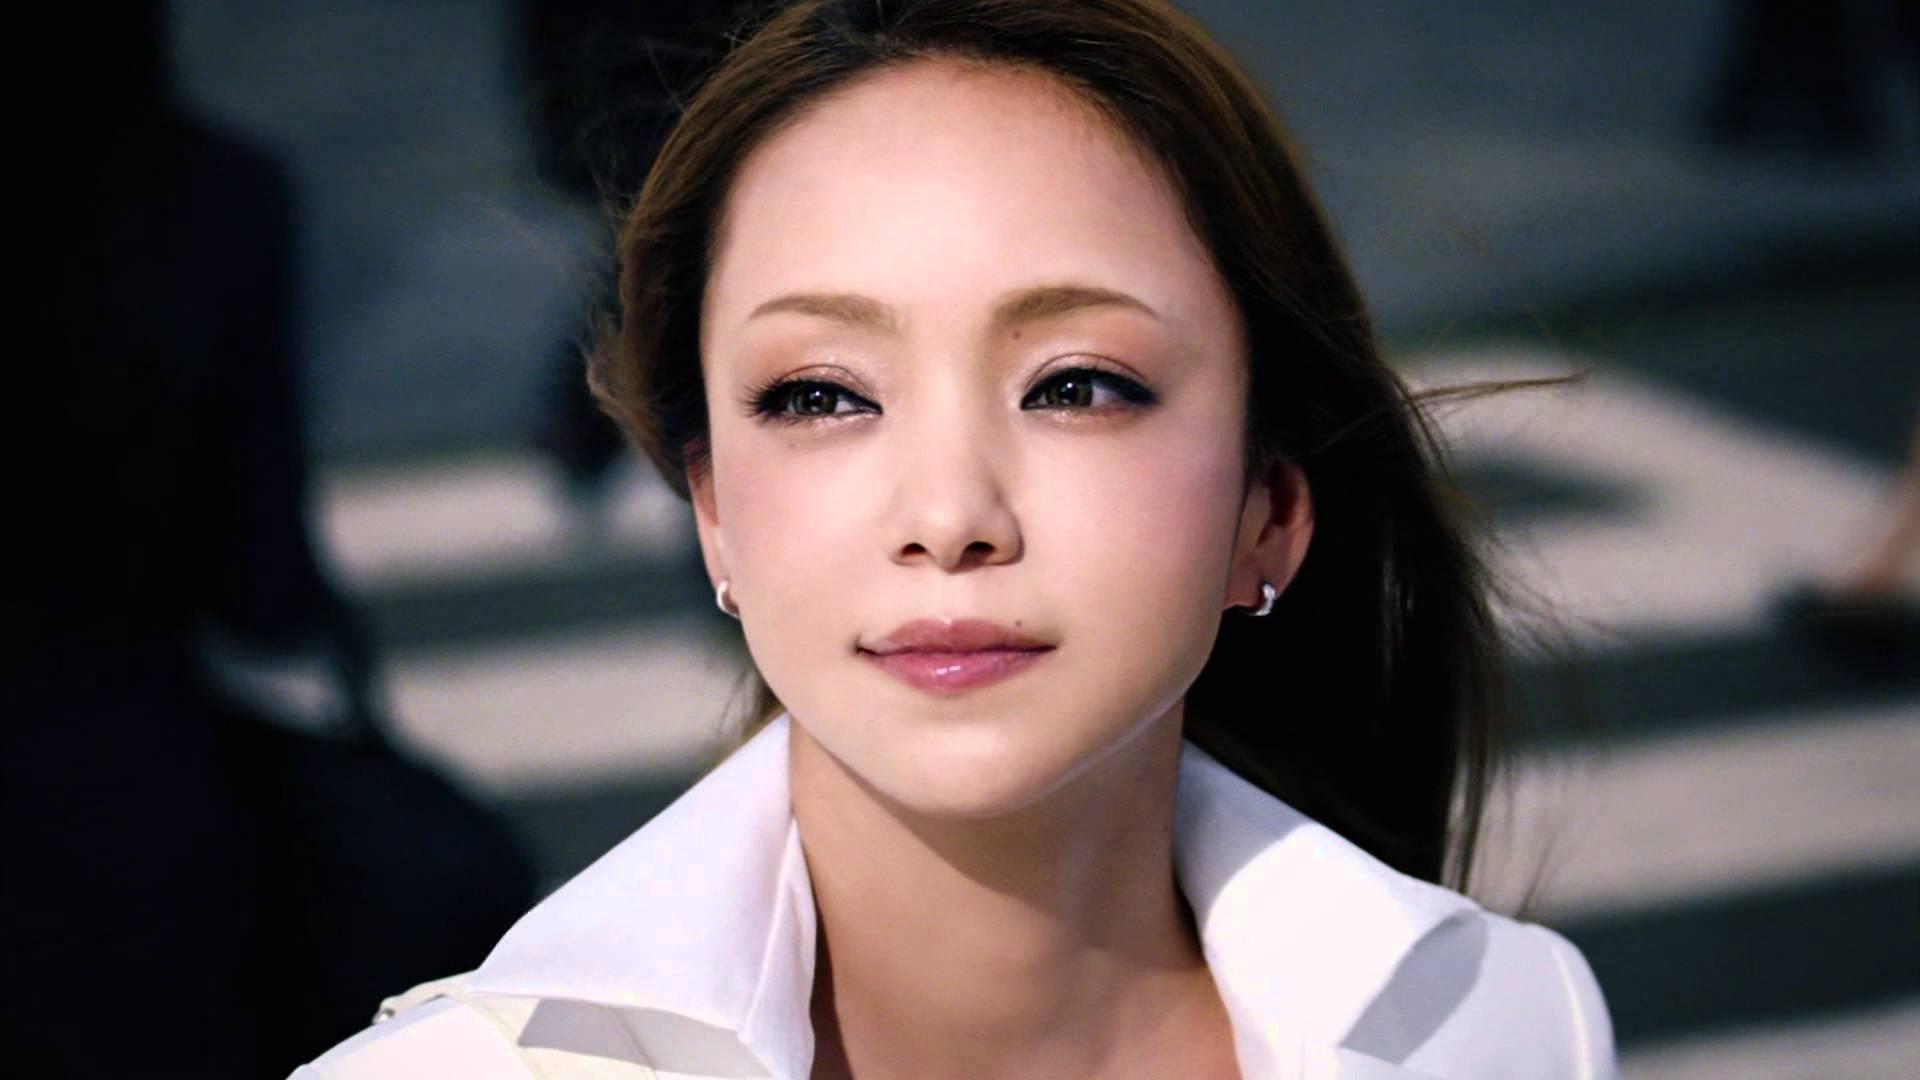 歌姫ナンバーワンのCM女王・安室奈美恵のクールなCM動画特集のサムネイル画像